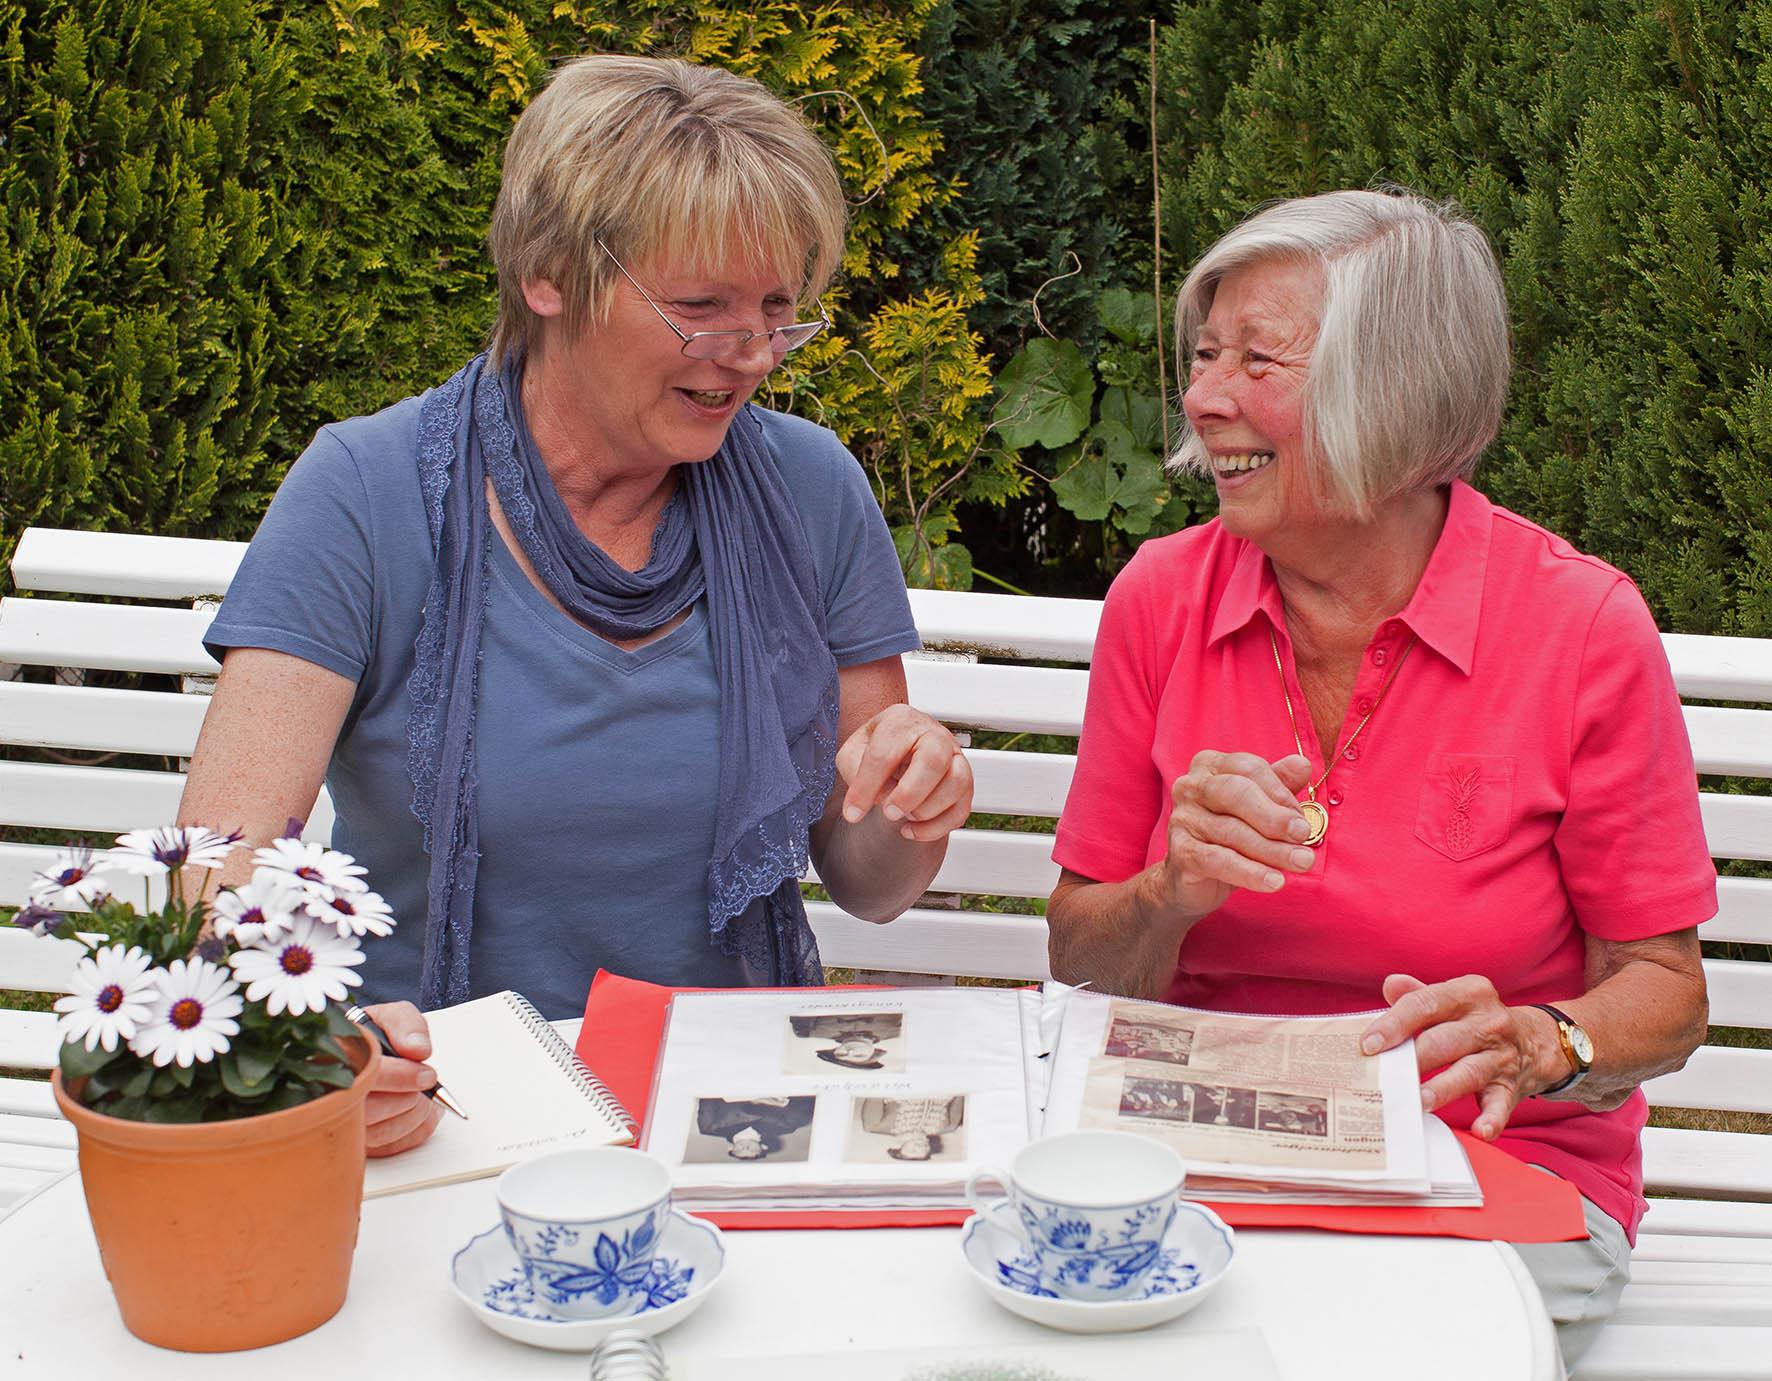 Kommunikation - das wichtigste Handwerkszeug der Senioren-Assistenten